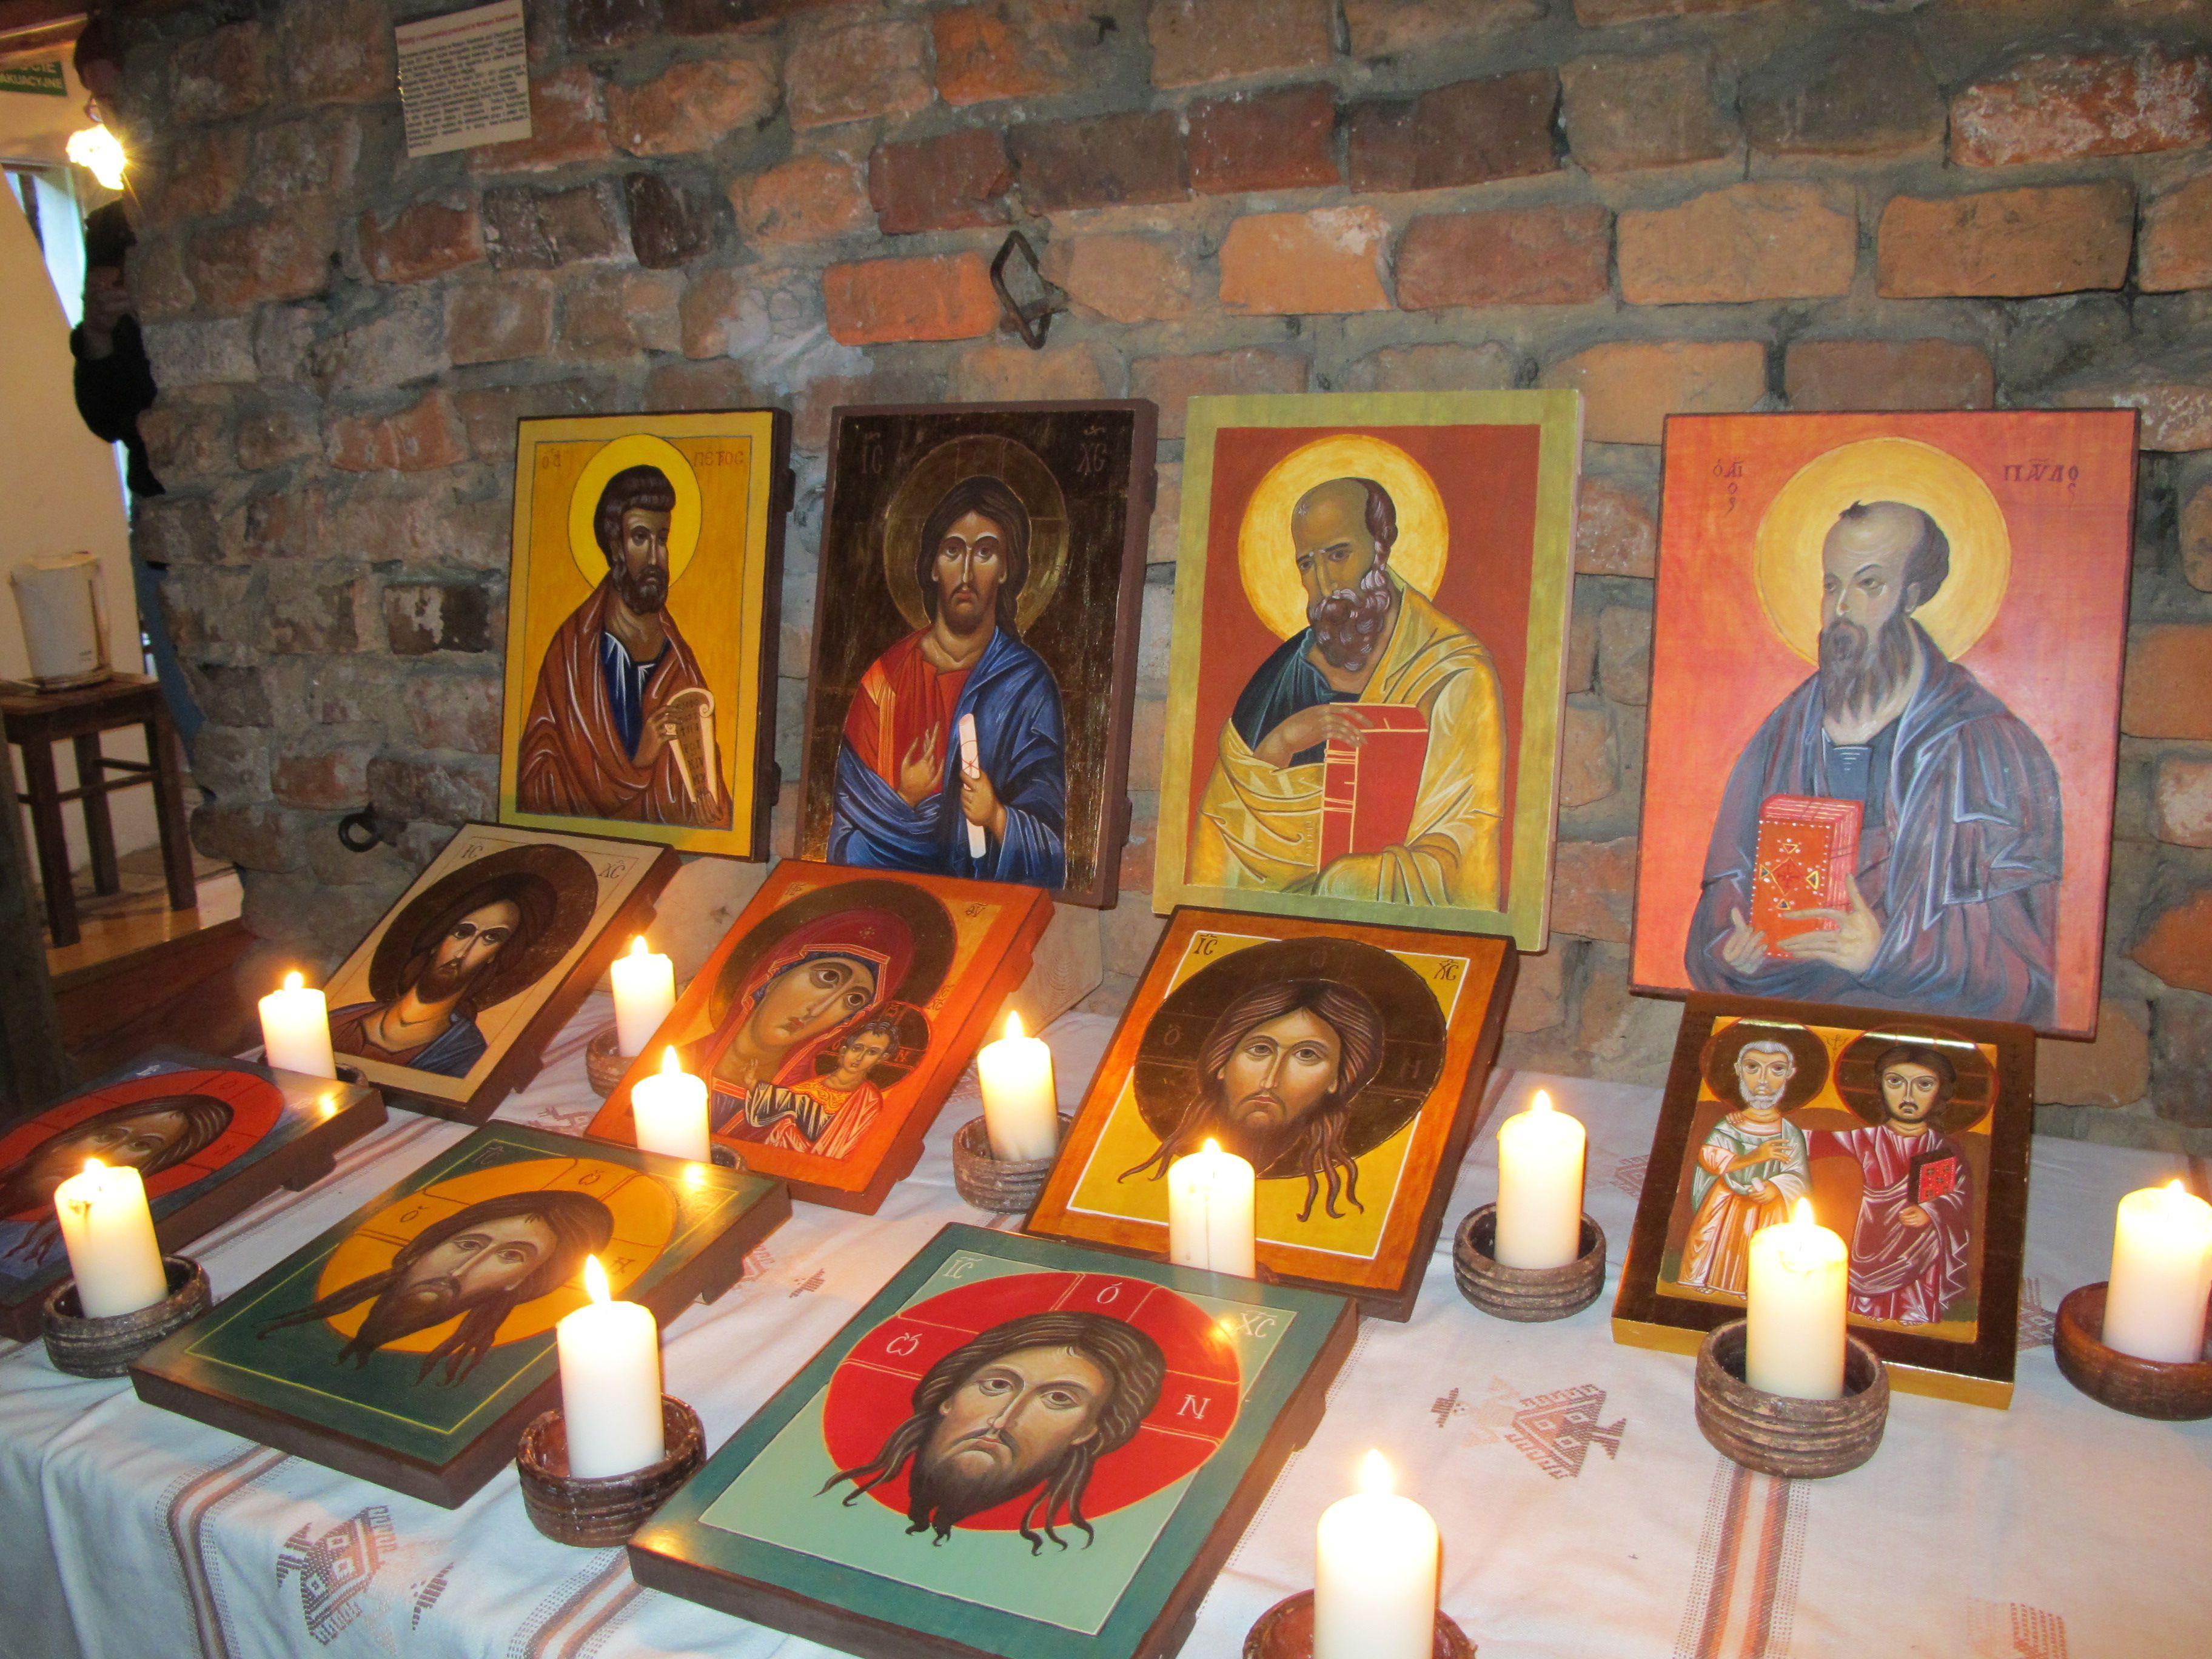 Wystawa bizantyjskich ikon w Skansenie Miejskim w Dobrym Mieście